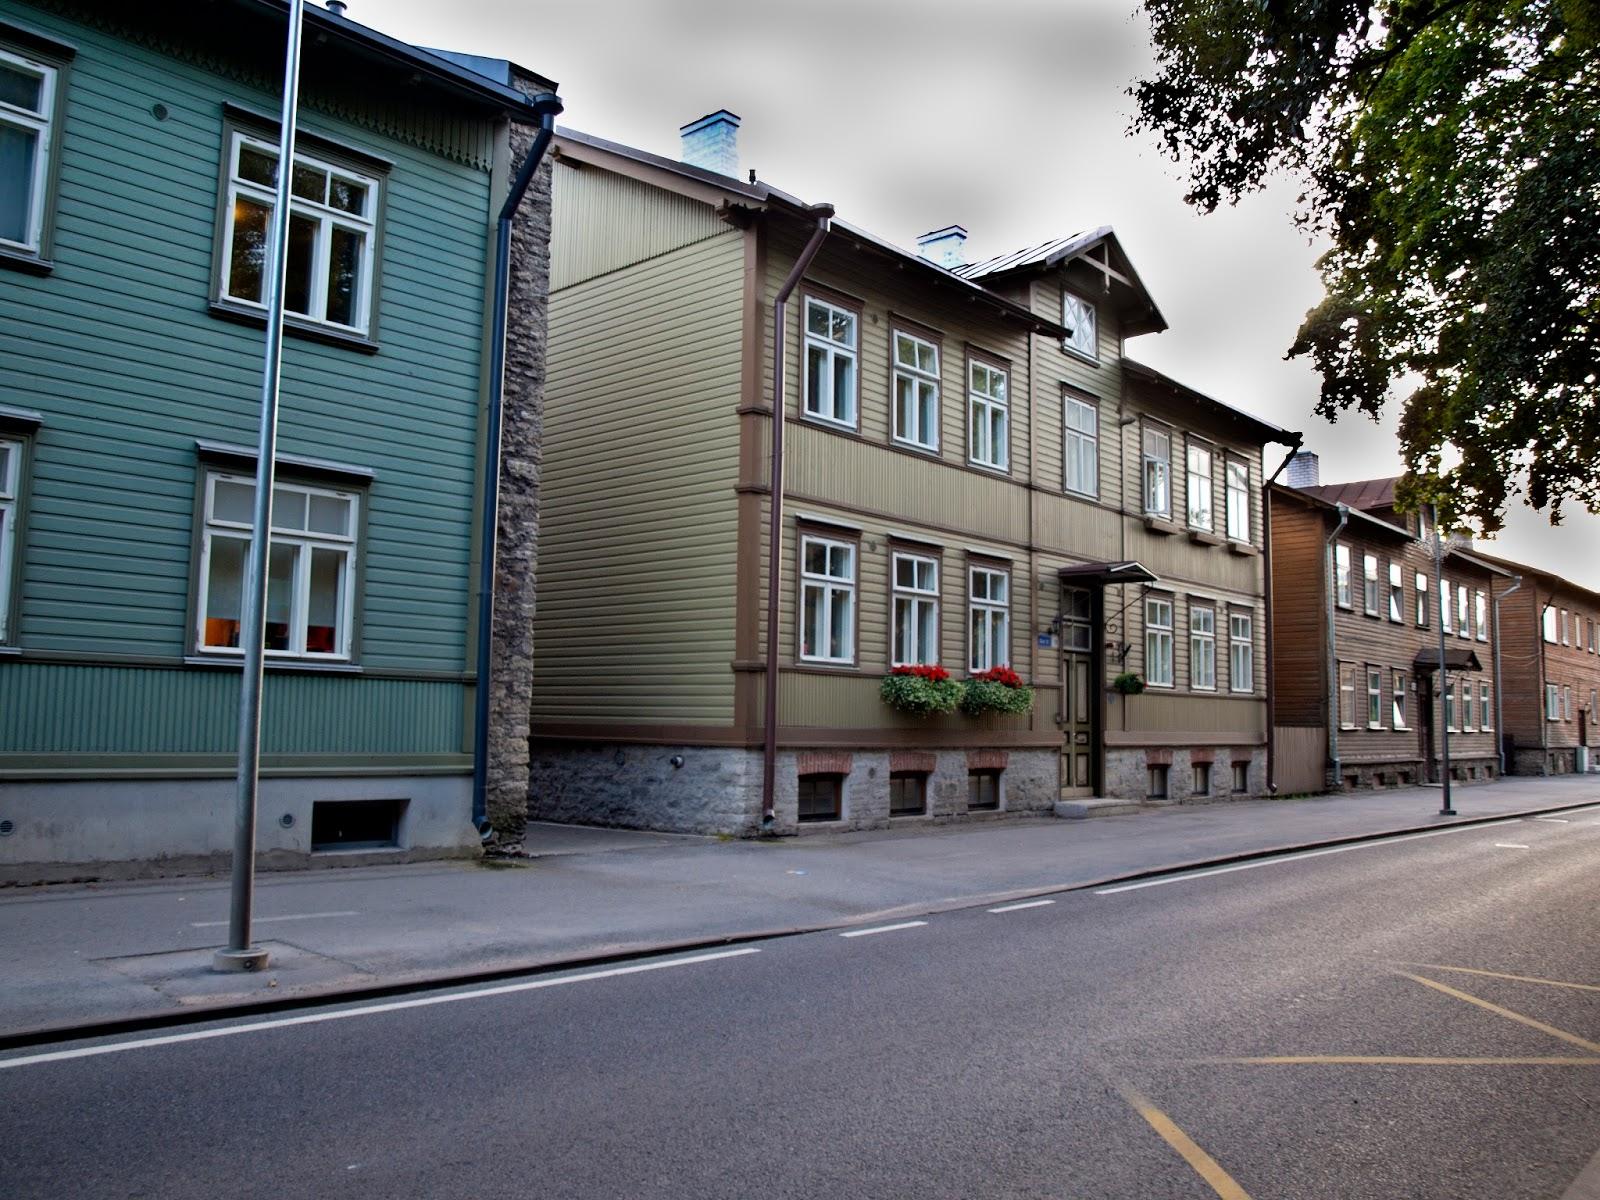 Kalamaja - ТОП-10 достопримечательностей Таллина